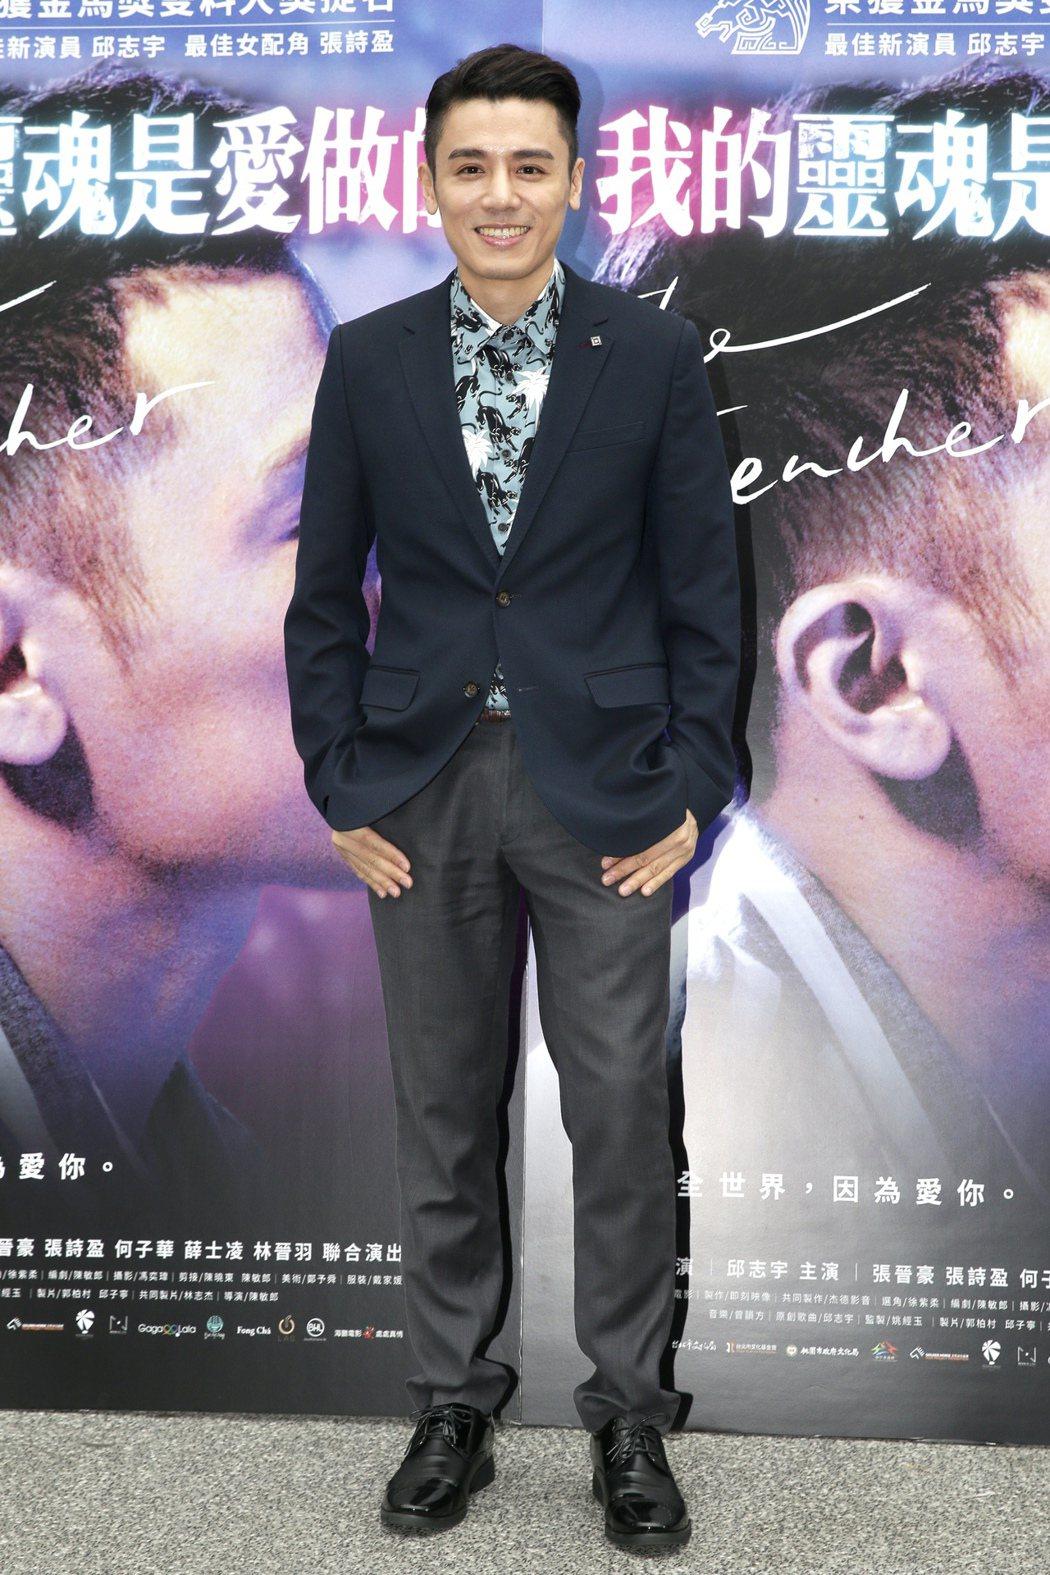 電影「我的靈魂是愛做的」劇中演員邱志宇。記者林伯東/攝影 林伯東